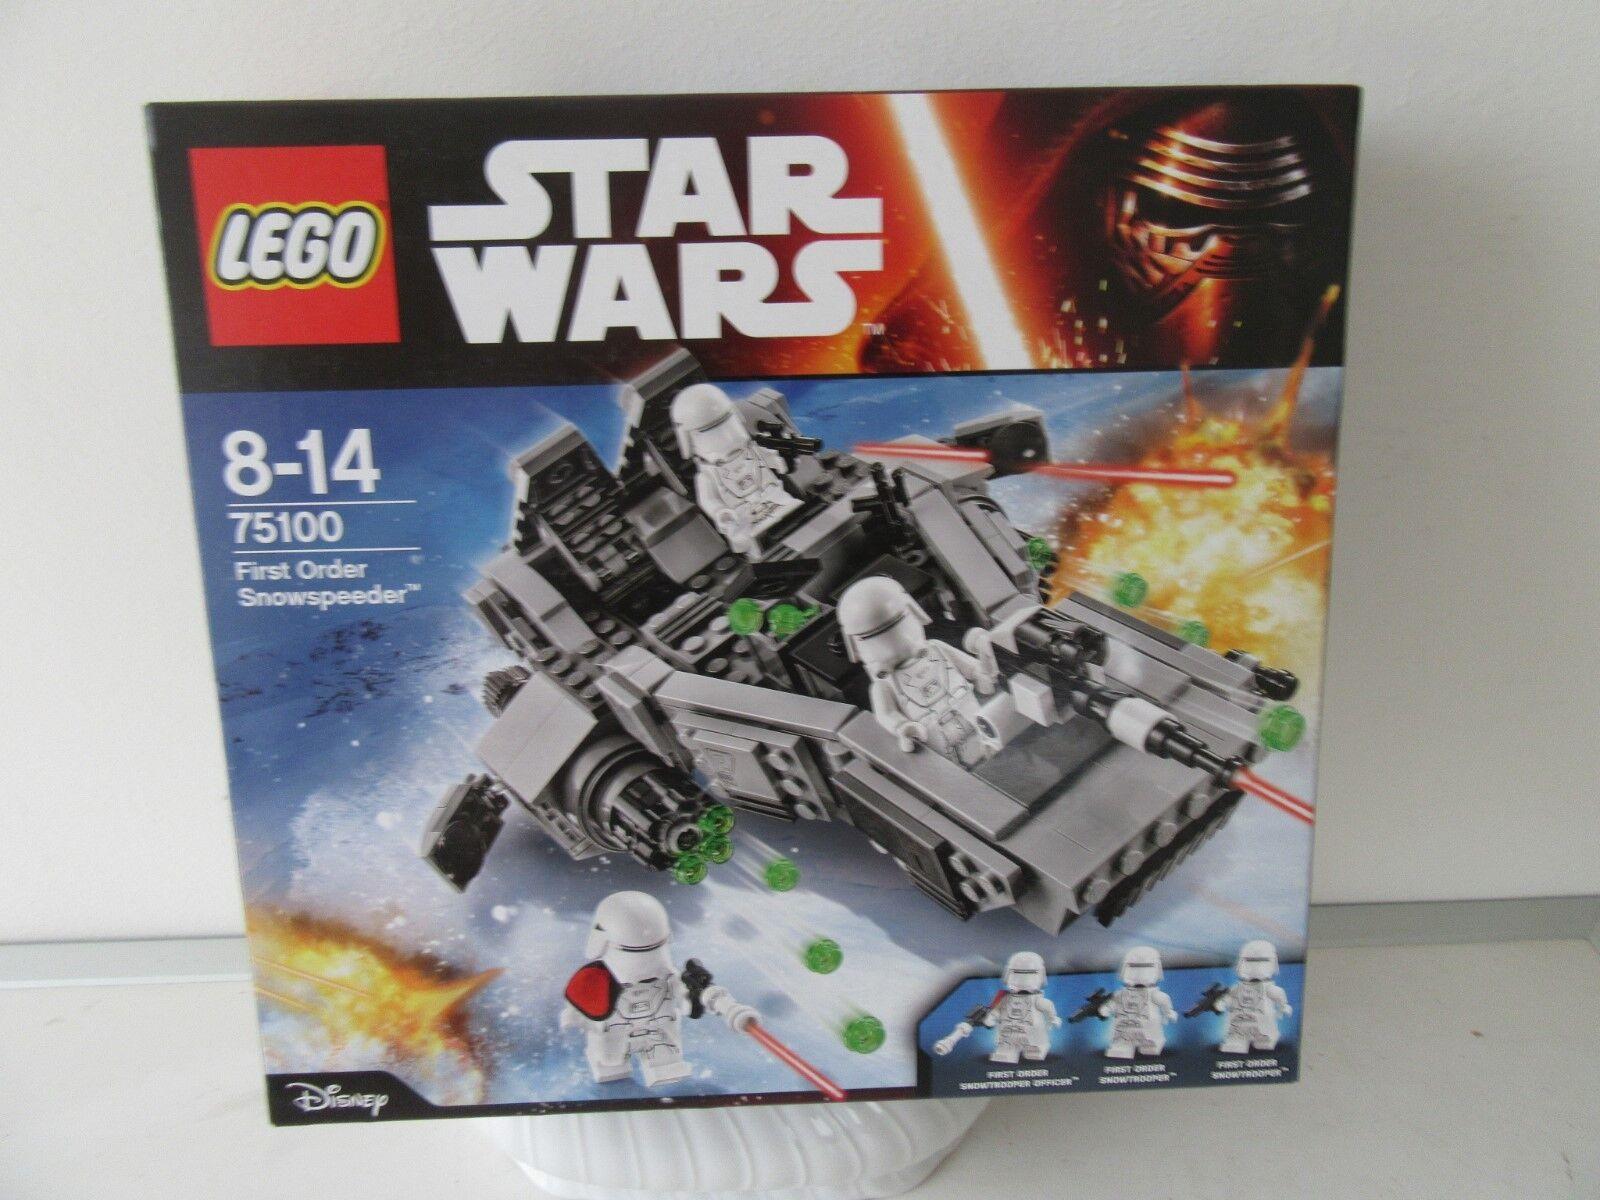 LEGO ®  Estrella wars 75100 First Order Snowspeeder.